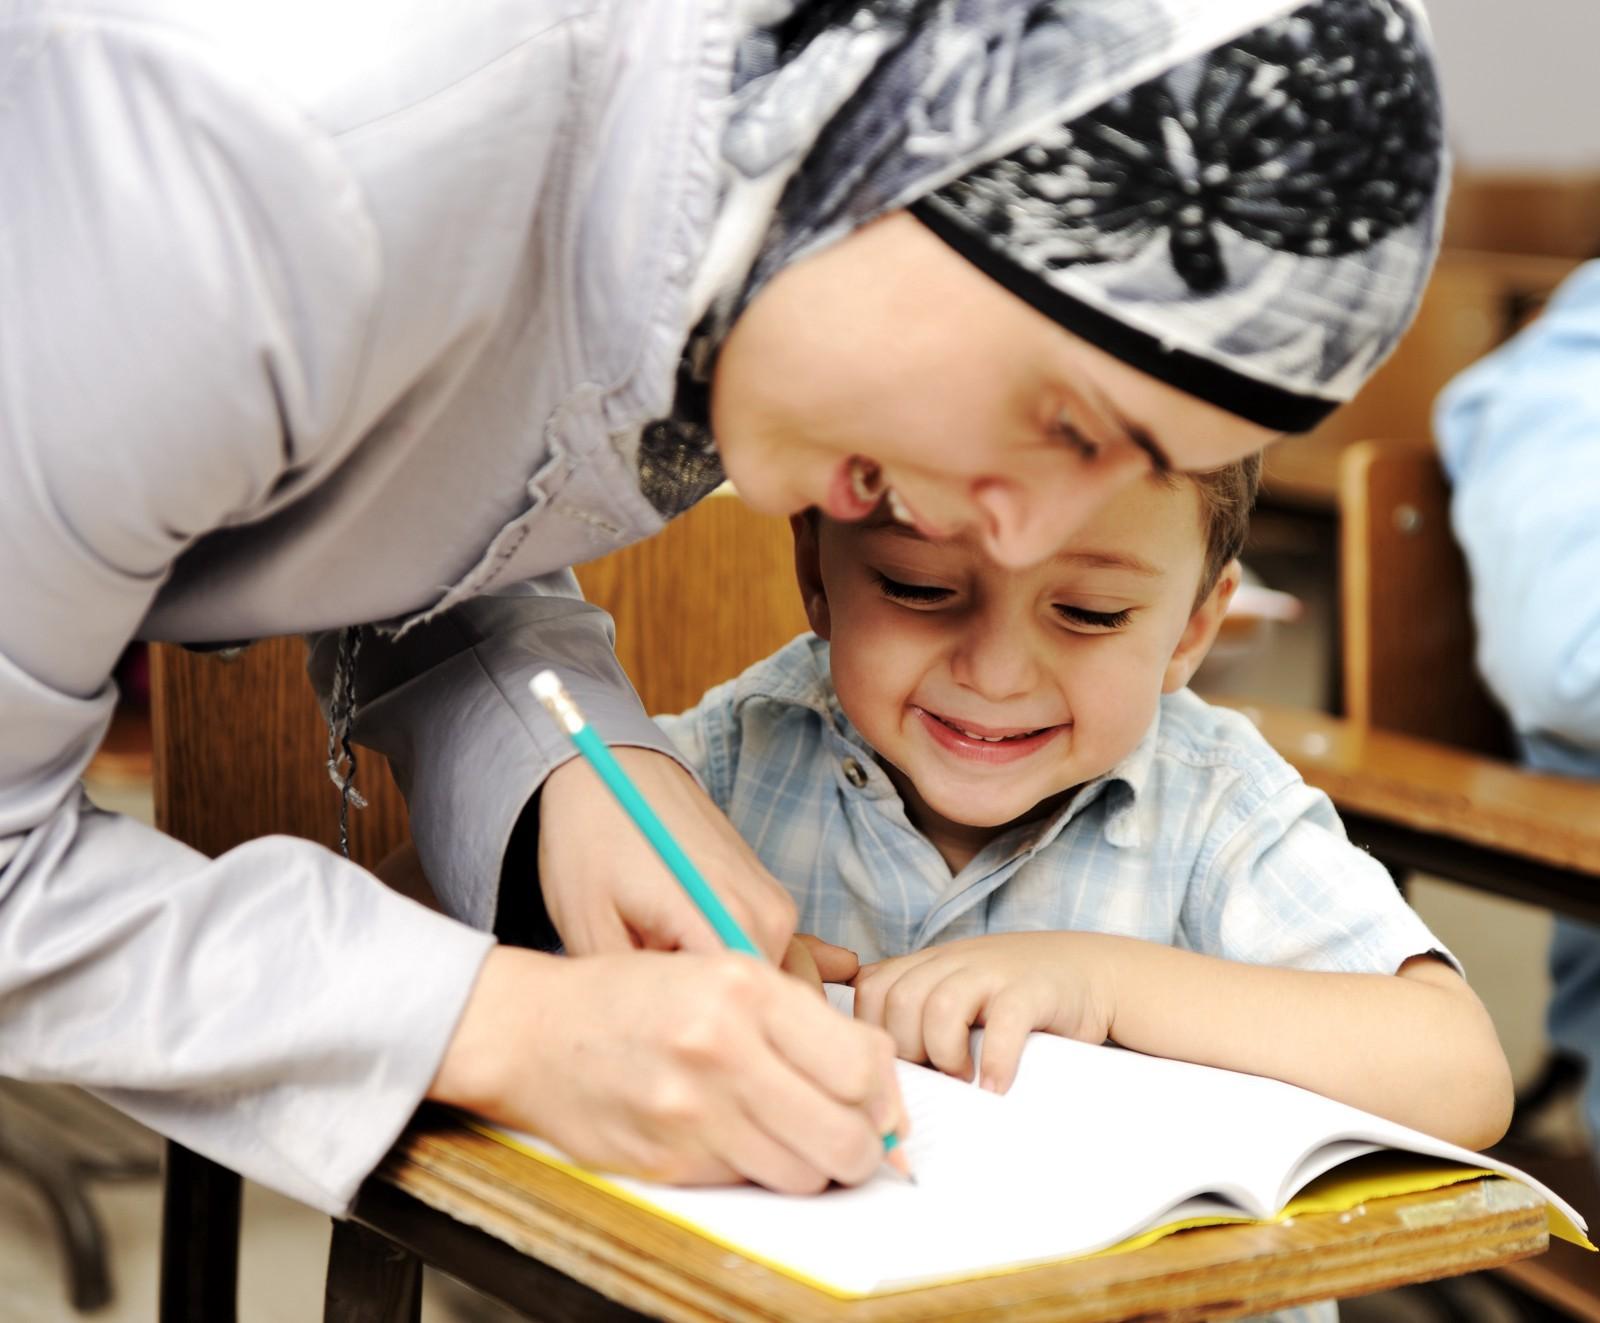 Në Katalonjë islami do te jetë lende në shkollat publike